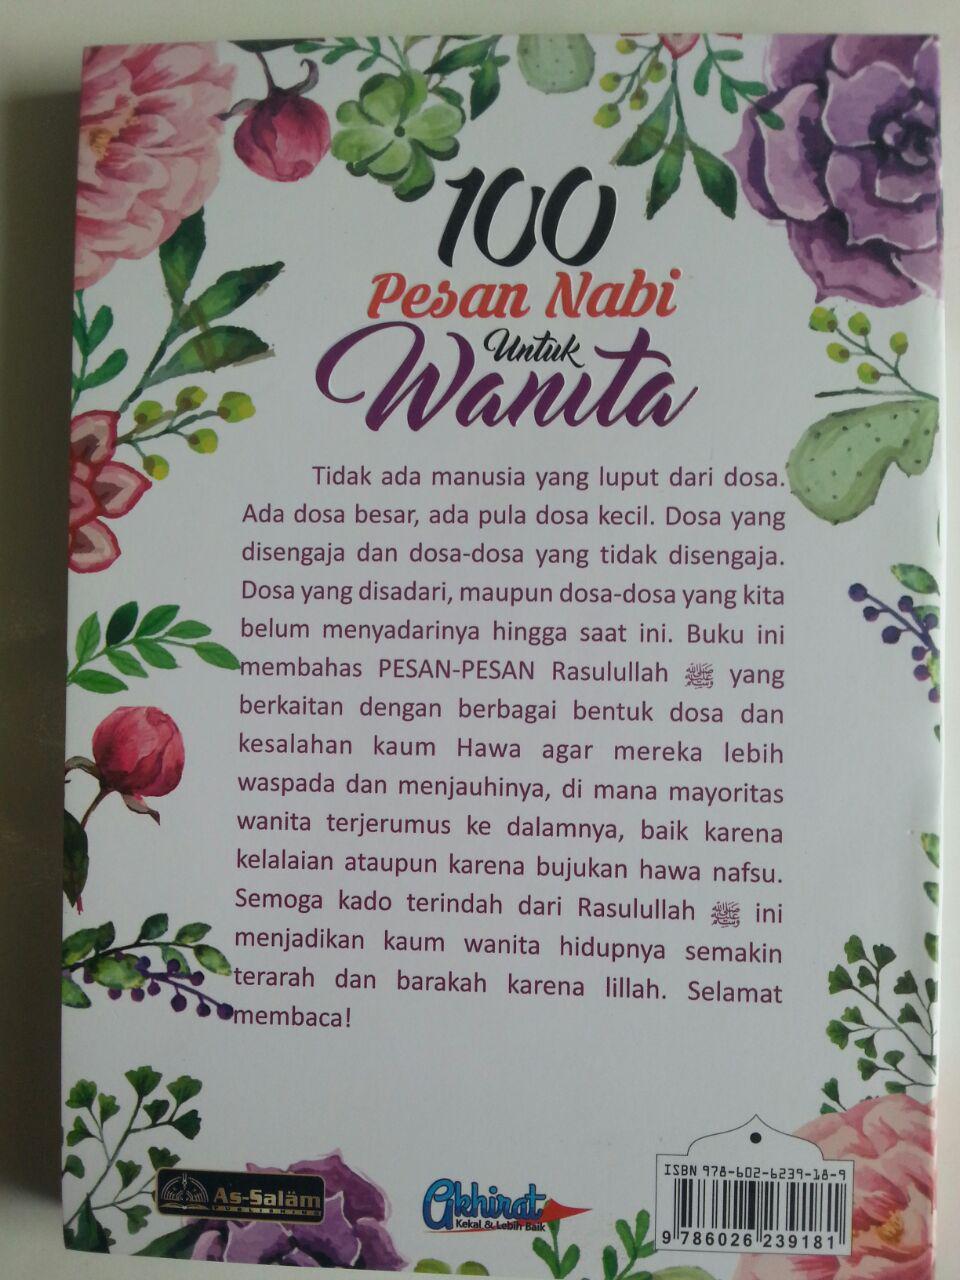 Buku 100 Pesan Nabi Untuk Wanita cover